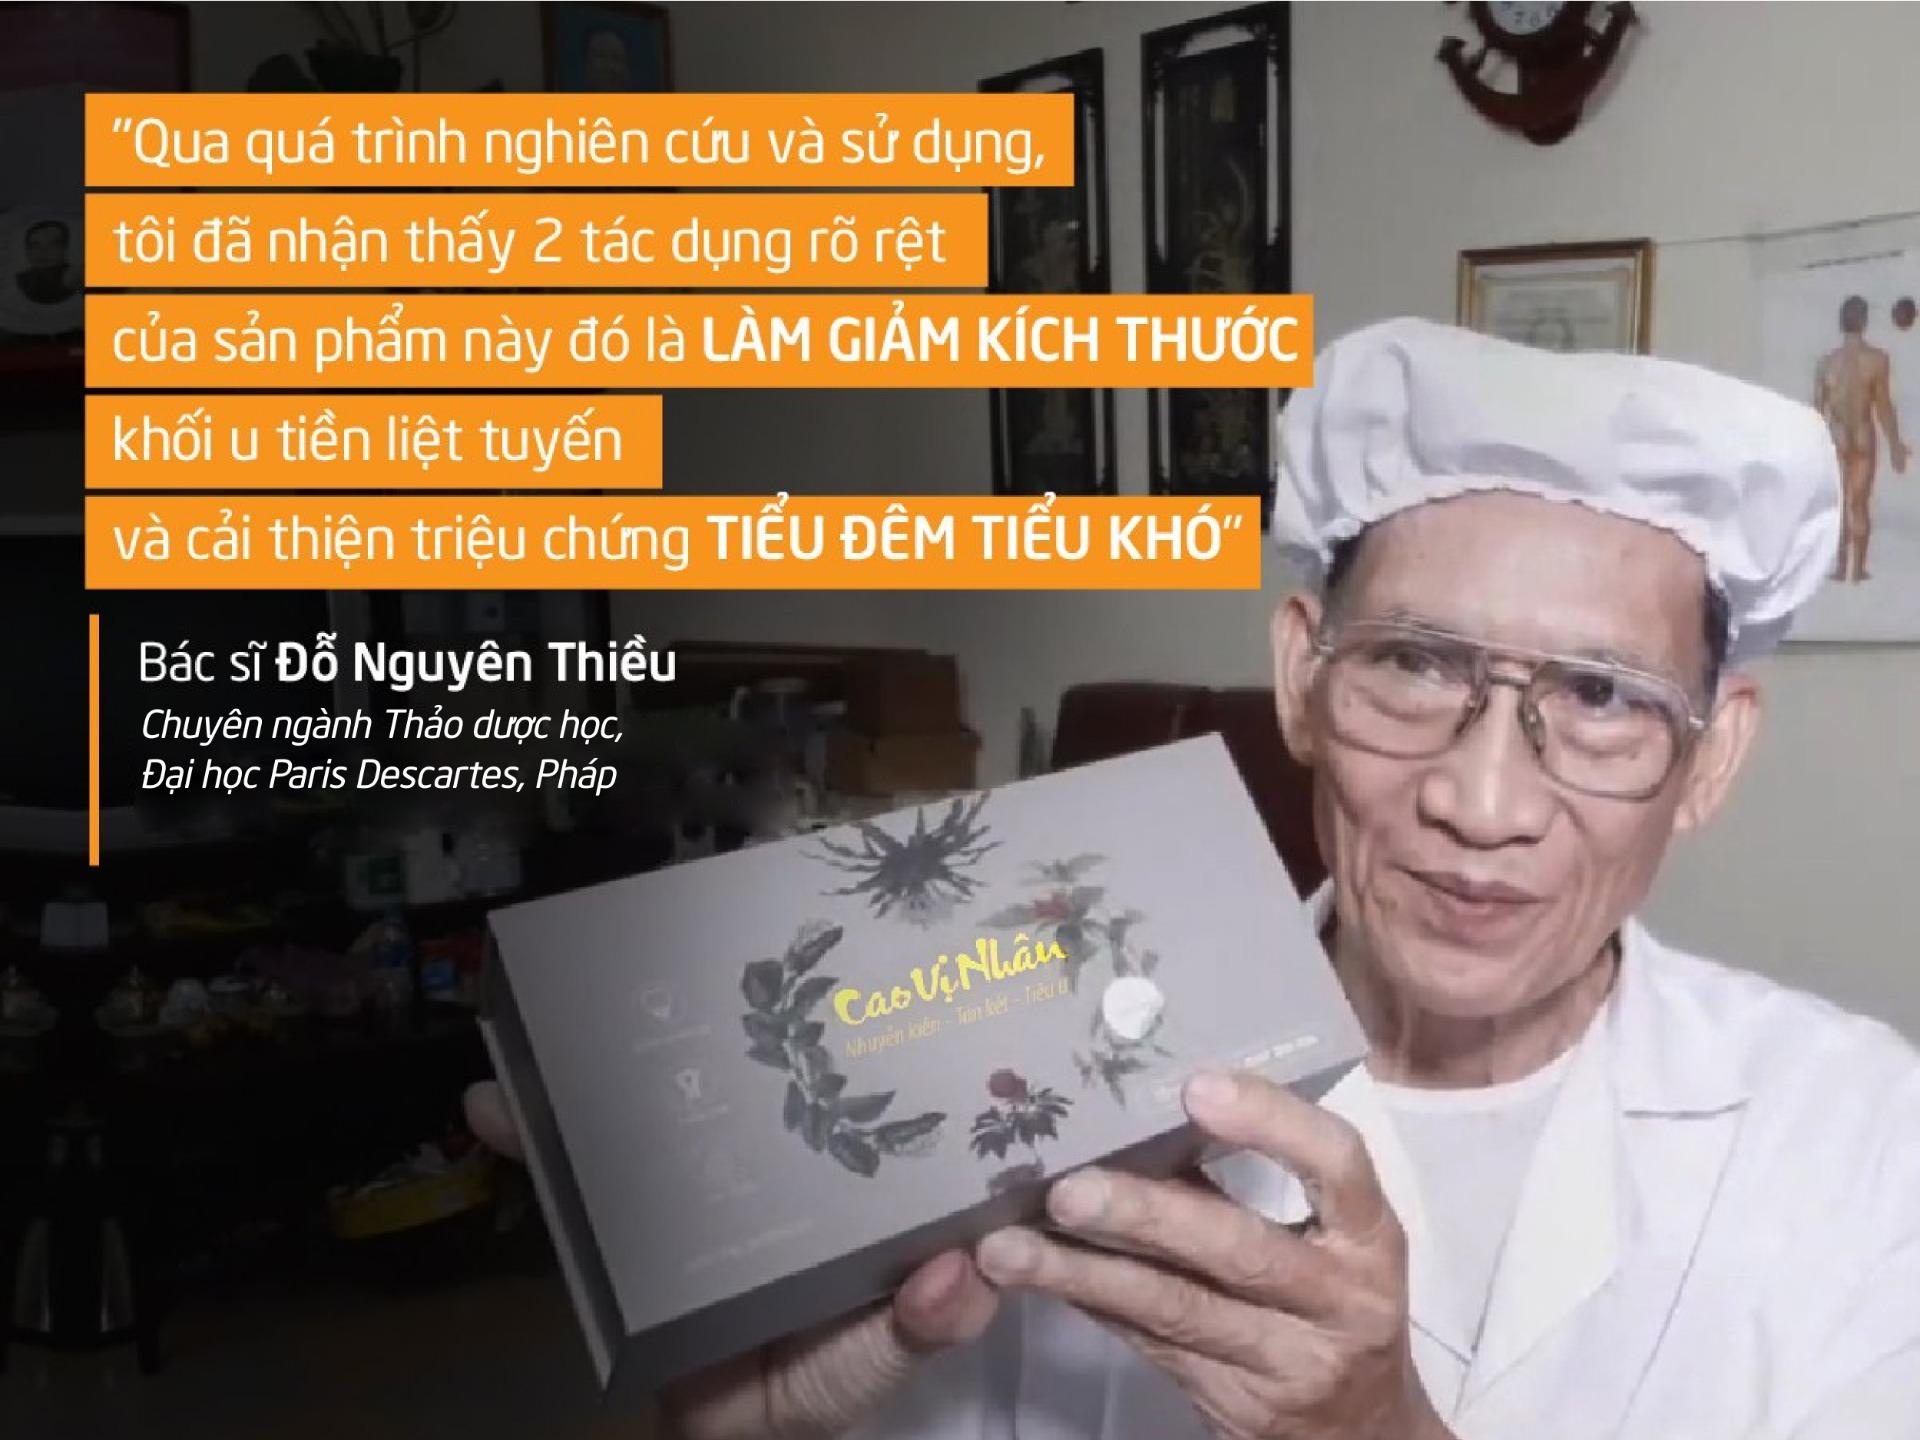 Bác sĩ Đỗ Nguyên Thiều nhận xét về sản phẩm Cao Vị Nhân